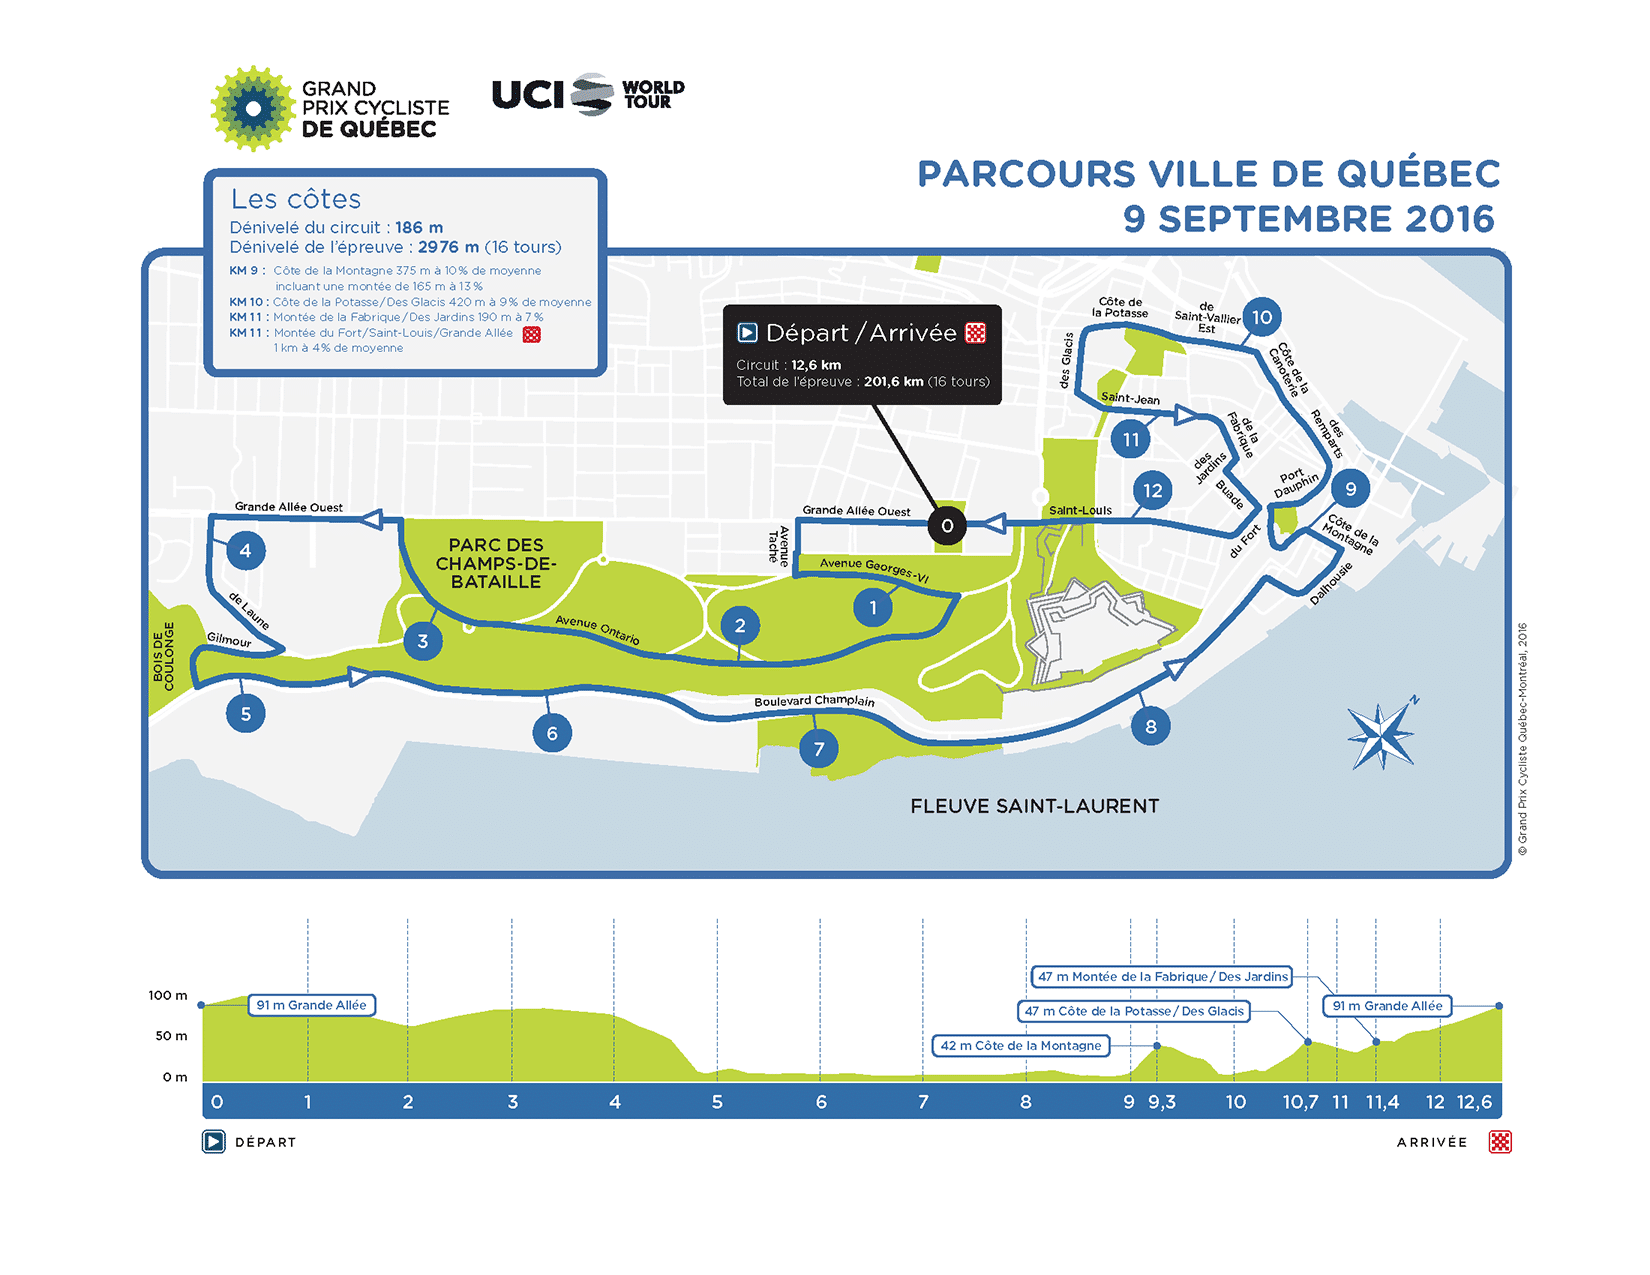 TODAYCYCLING - Le parcours et le profil de l'exigeant circuit du Grand Prix de Québec 2016.